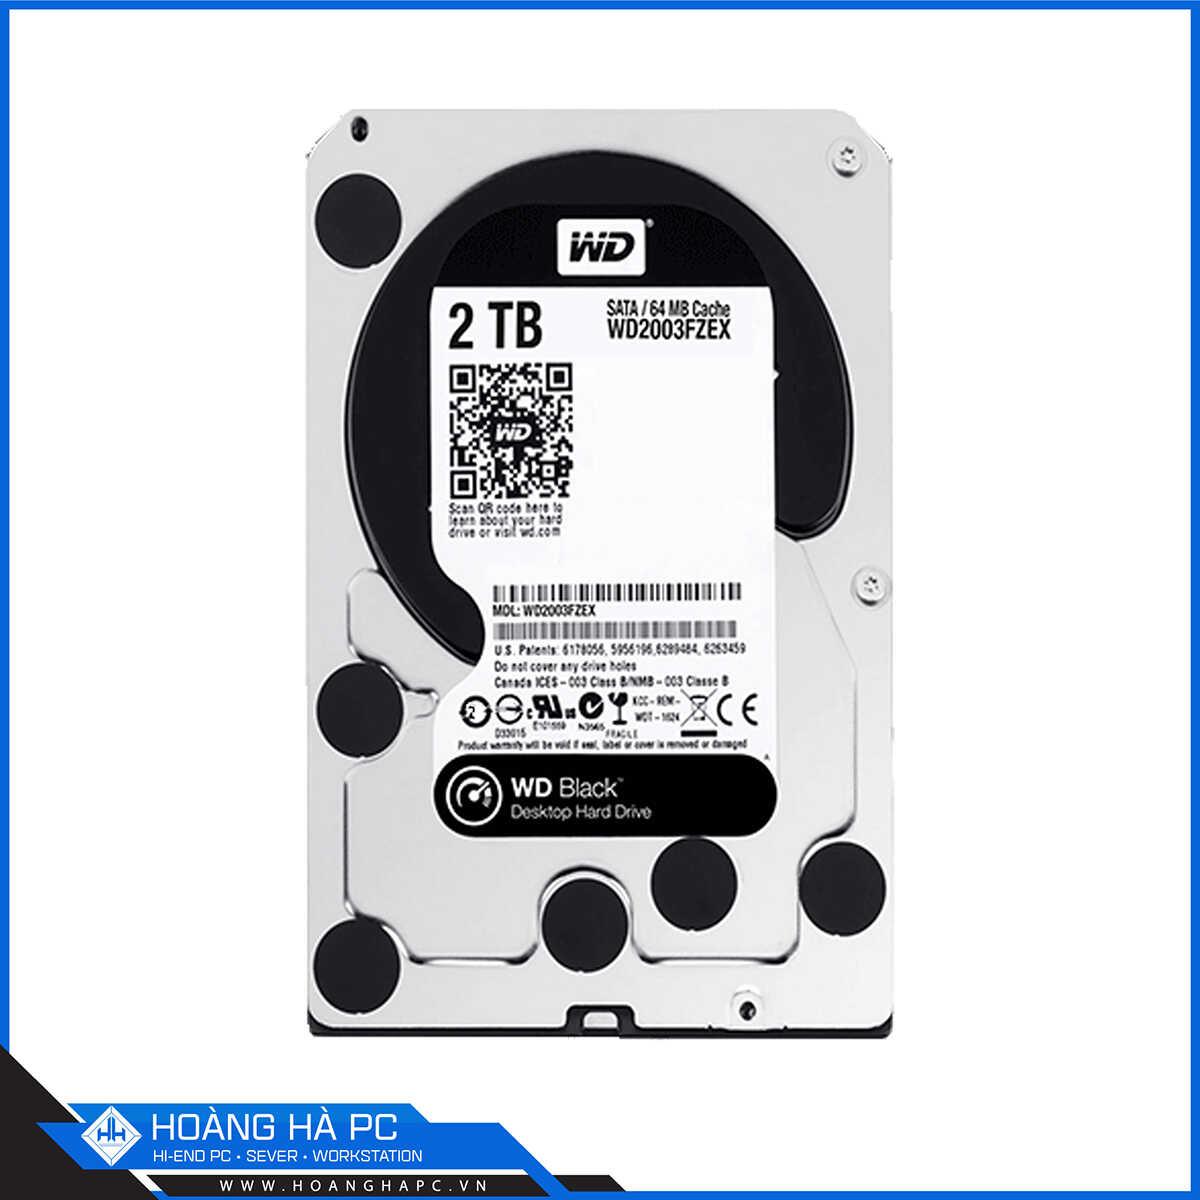 Ổ Cứng HDD Western Digital Caviar Black 2TB